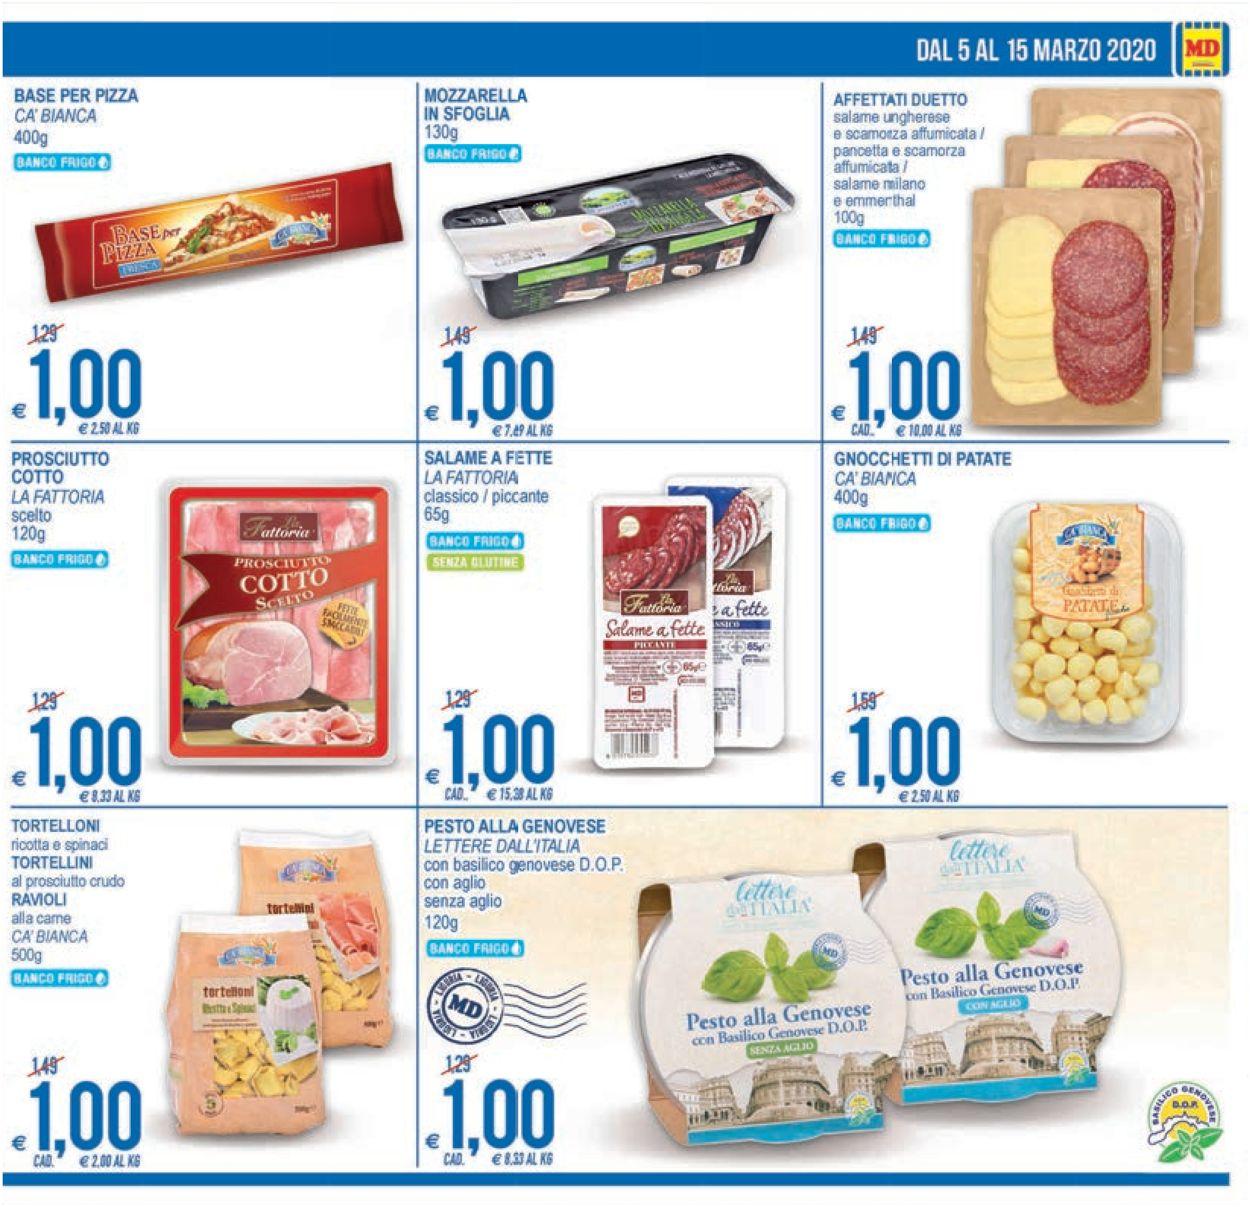 Volantino MD Discount - Offerte 05/03-15/03/2020 (Pagina 3)